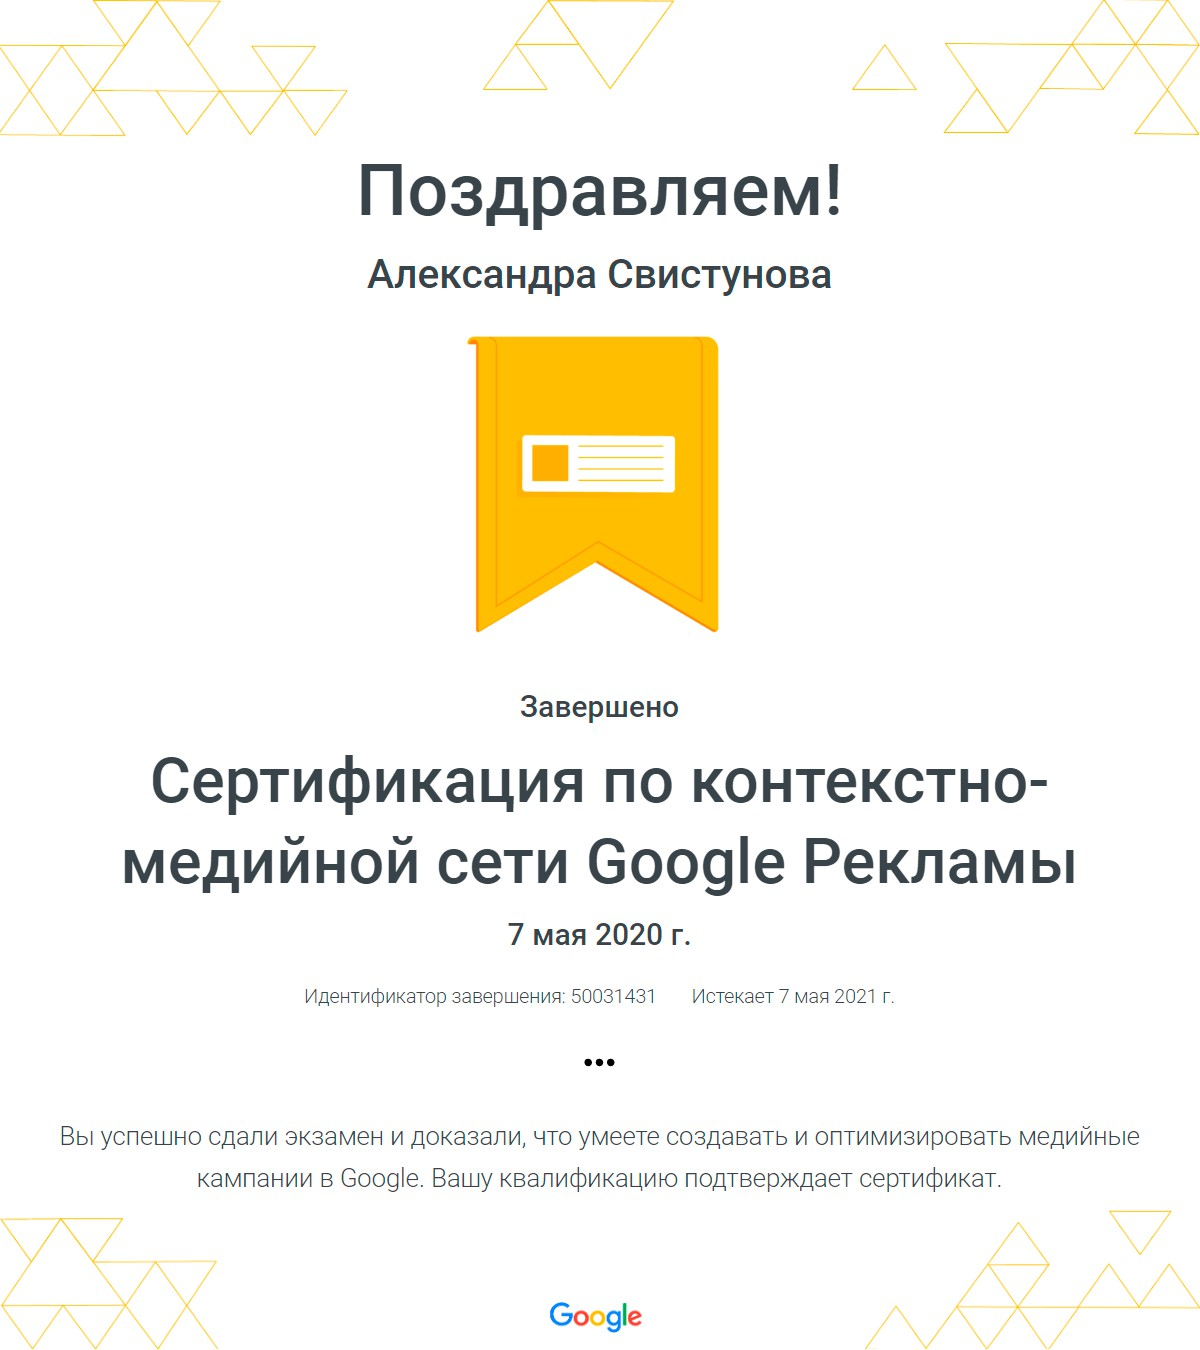 Сертификация по контекстно-медийной сети Google Рекламы